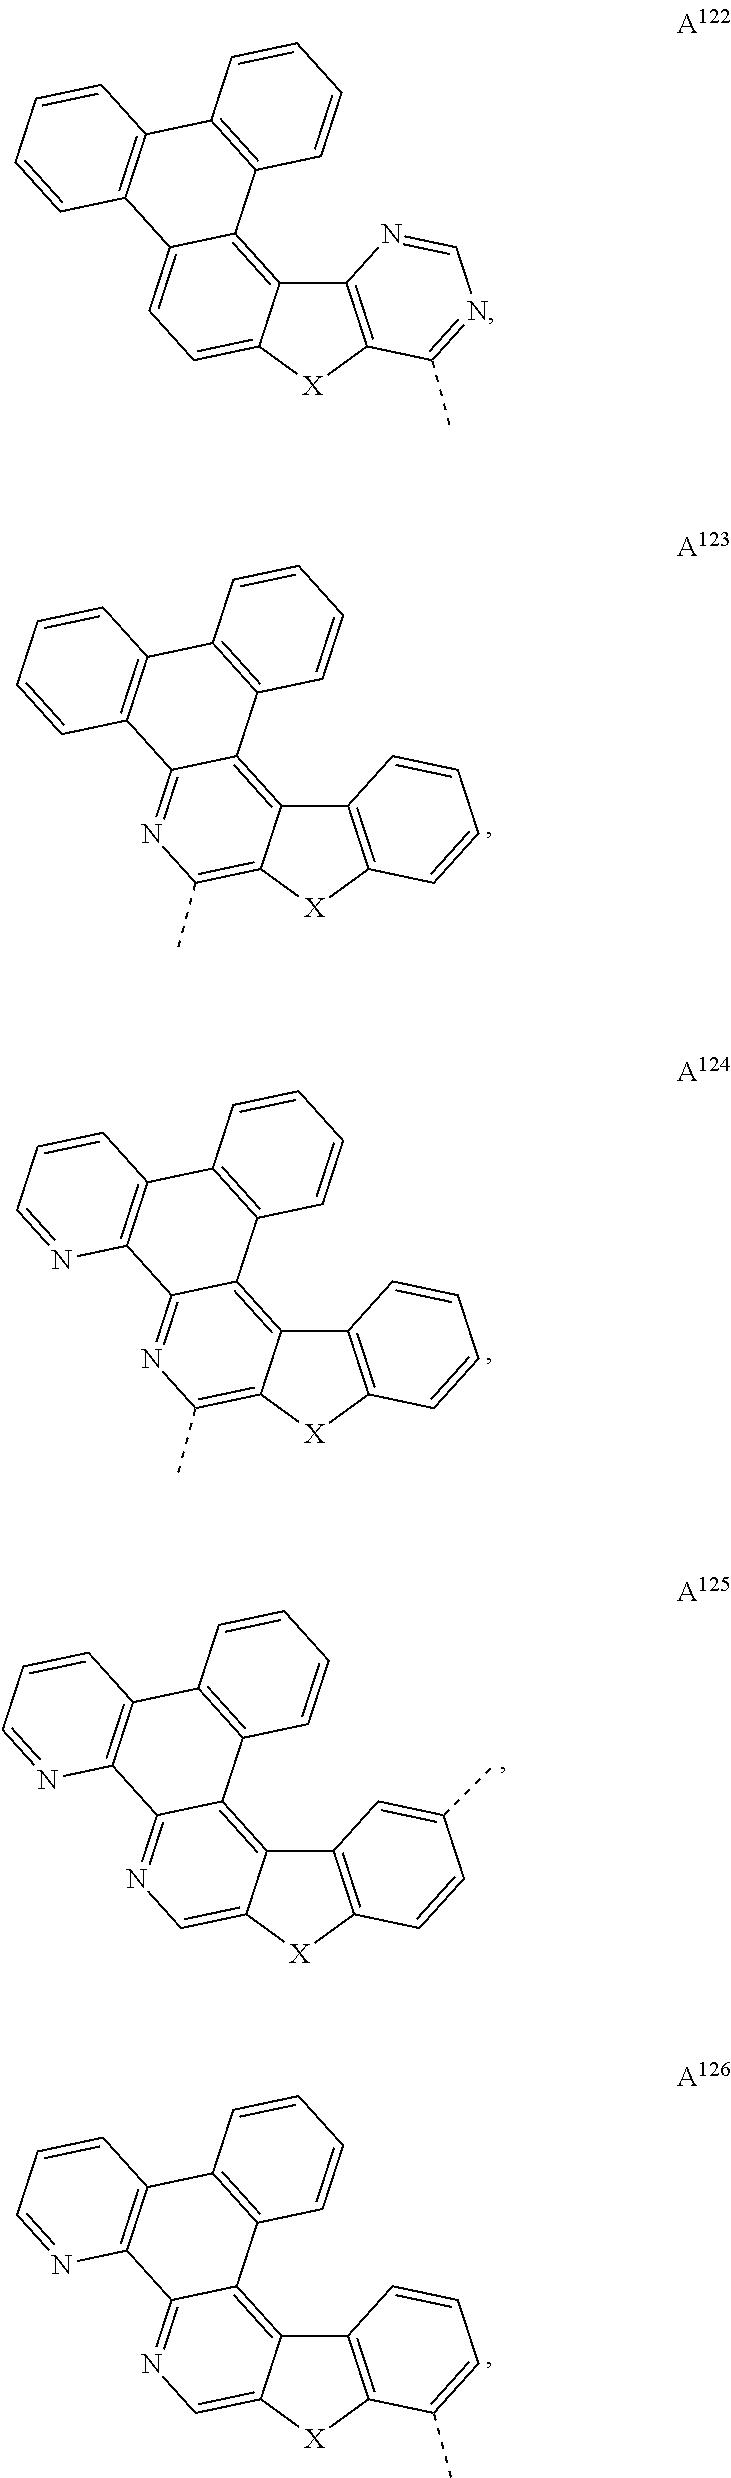 Figure US20170033295A1-20170202-C00030